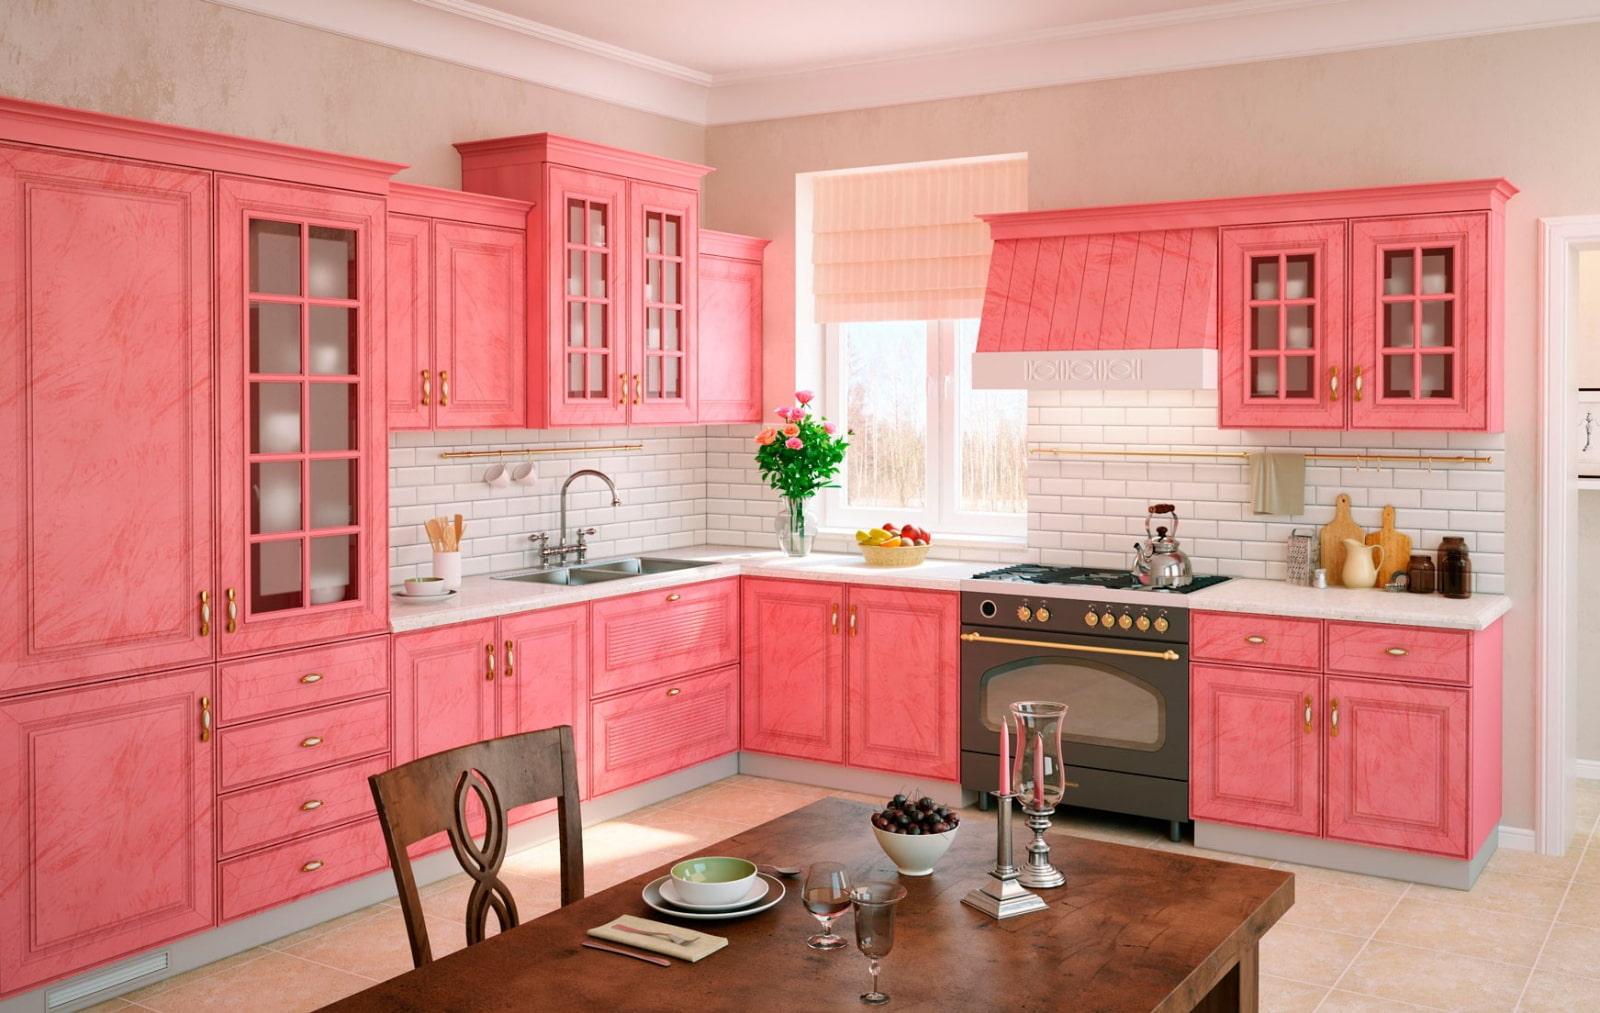 теснина фото кухонь розового цвета федор сотников